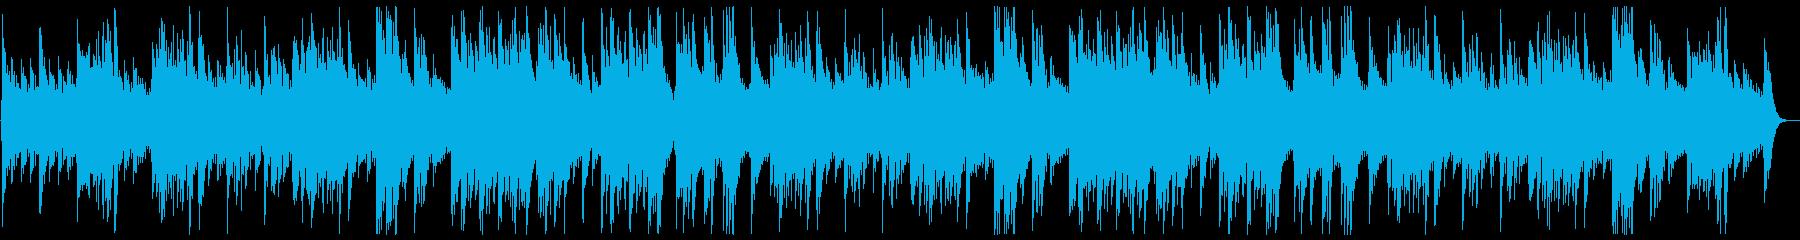 なめらかで癒されるオルゴールの再生済みの波形